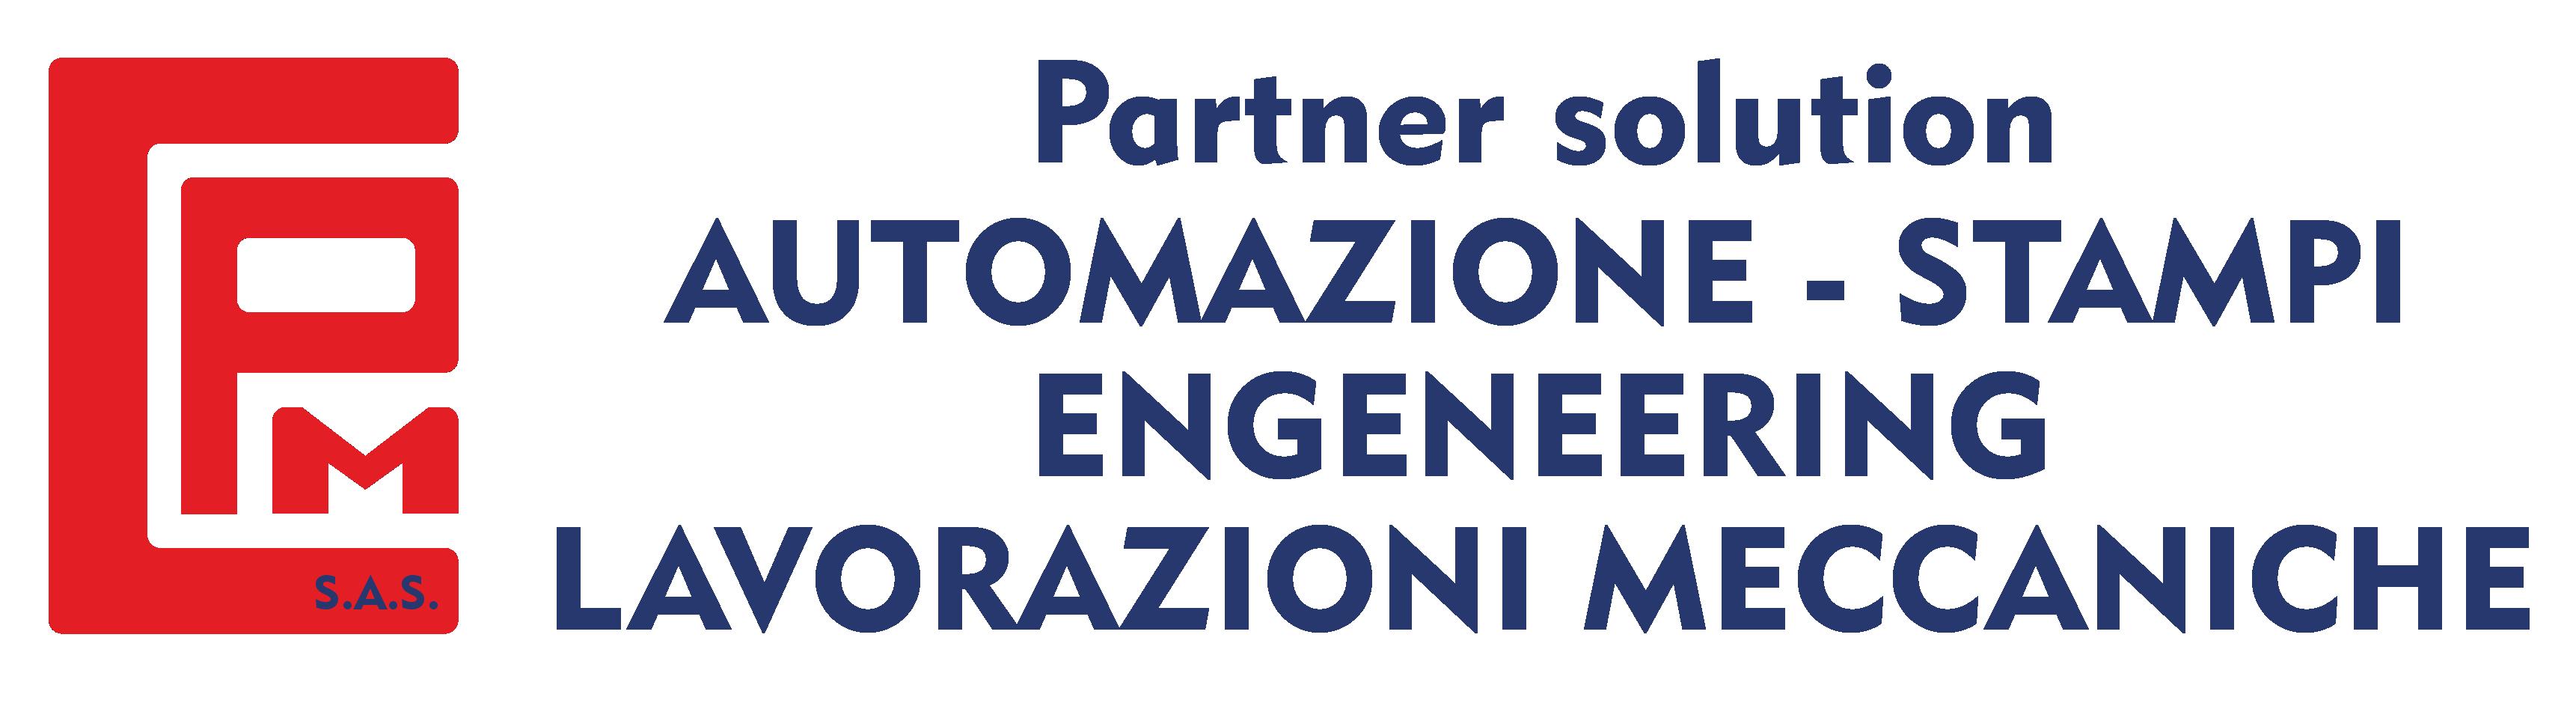 CPM s.a.s. di Casari & Pietrobon